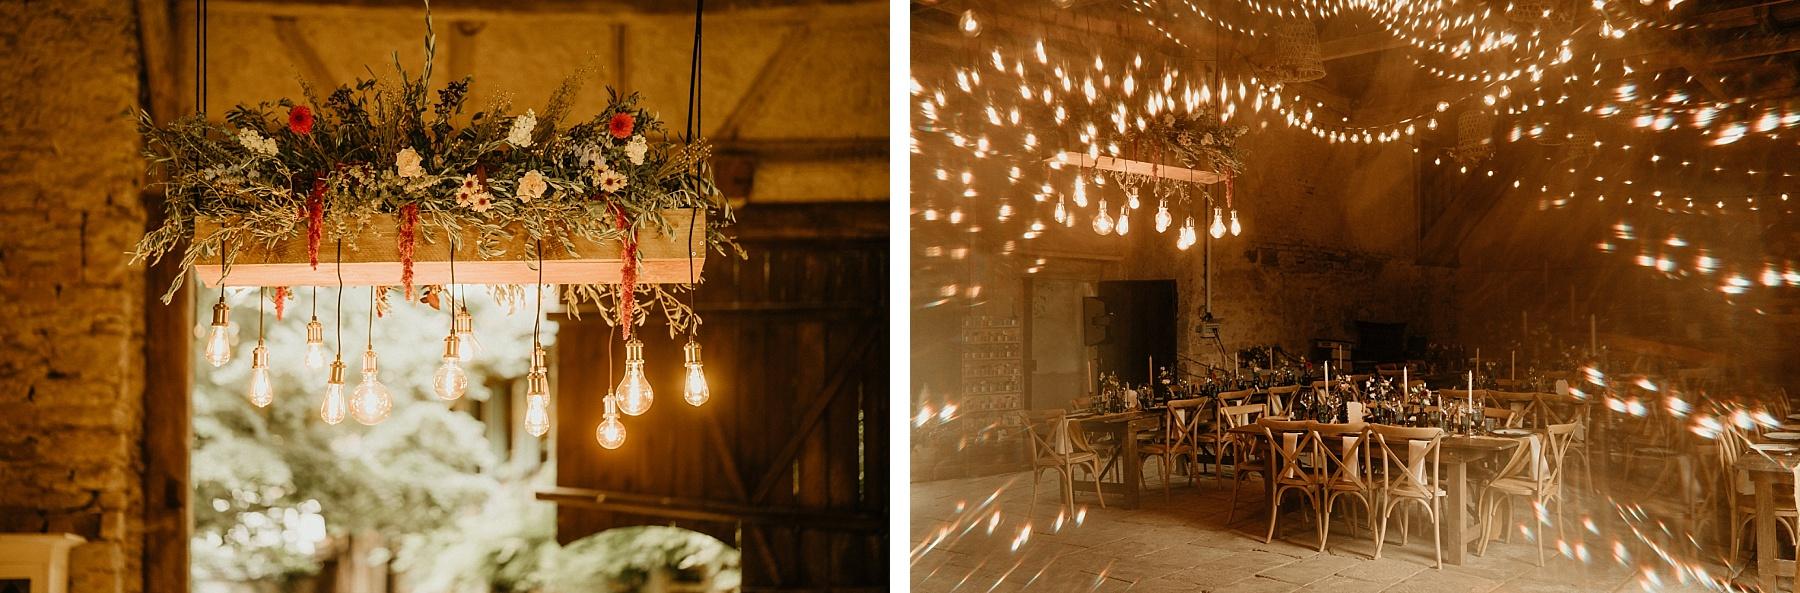 salle mariage coloré en Alsace